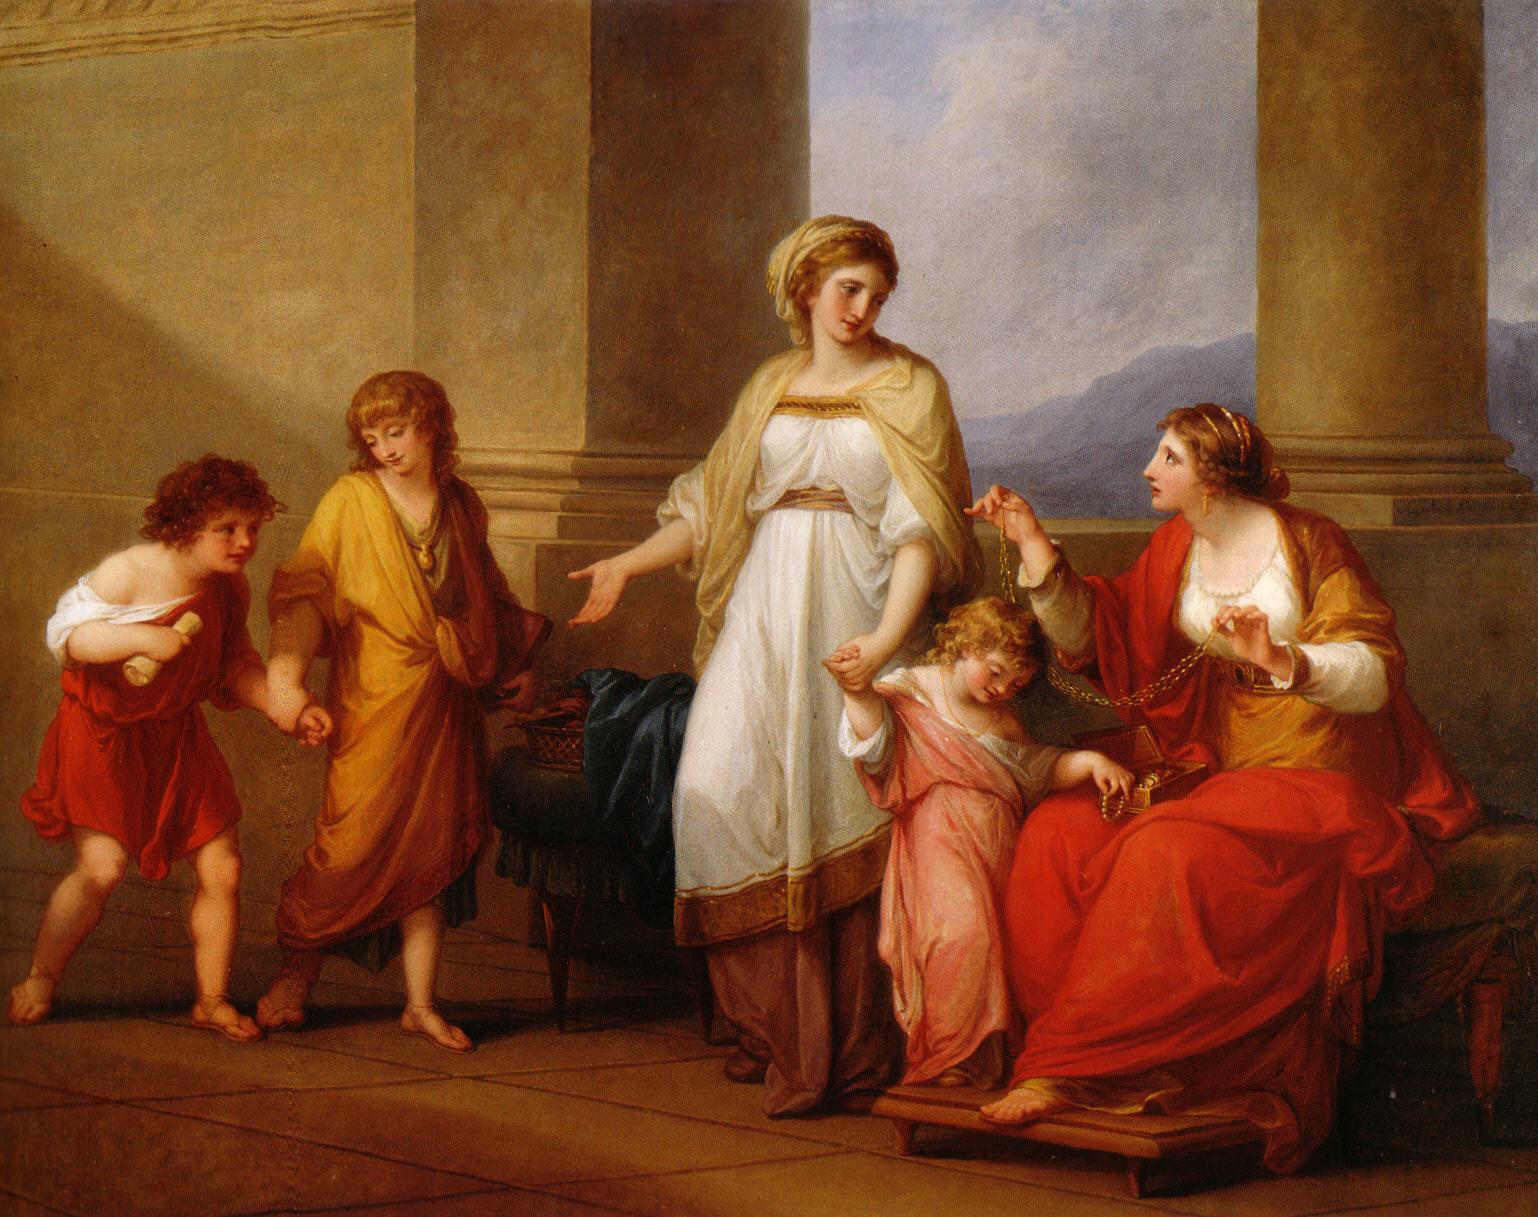 センプロニウス氏族 - Wikipedia